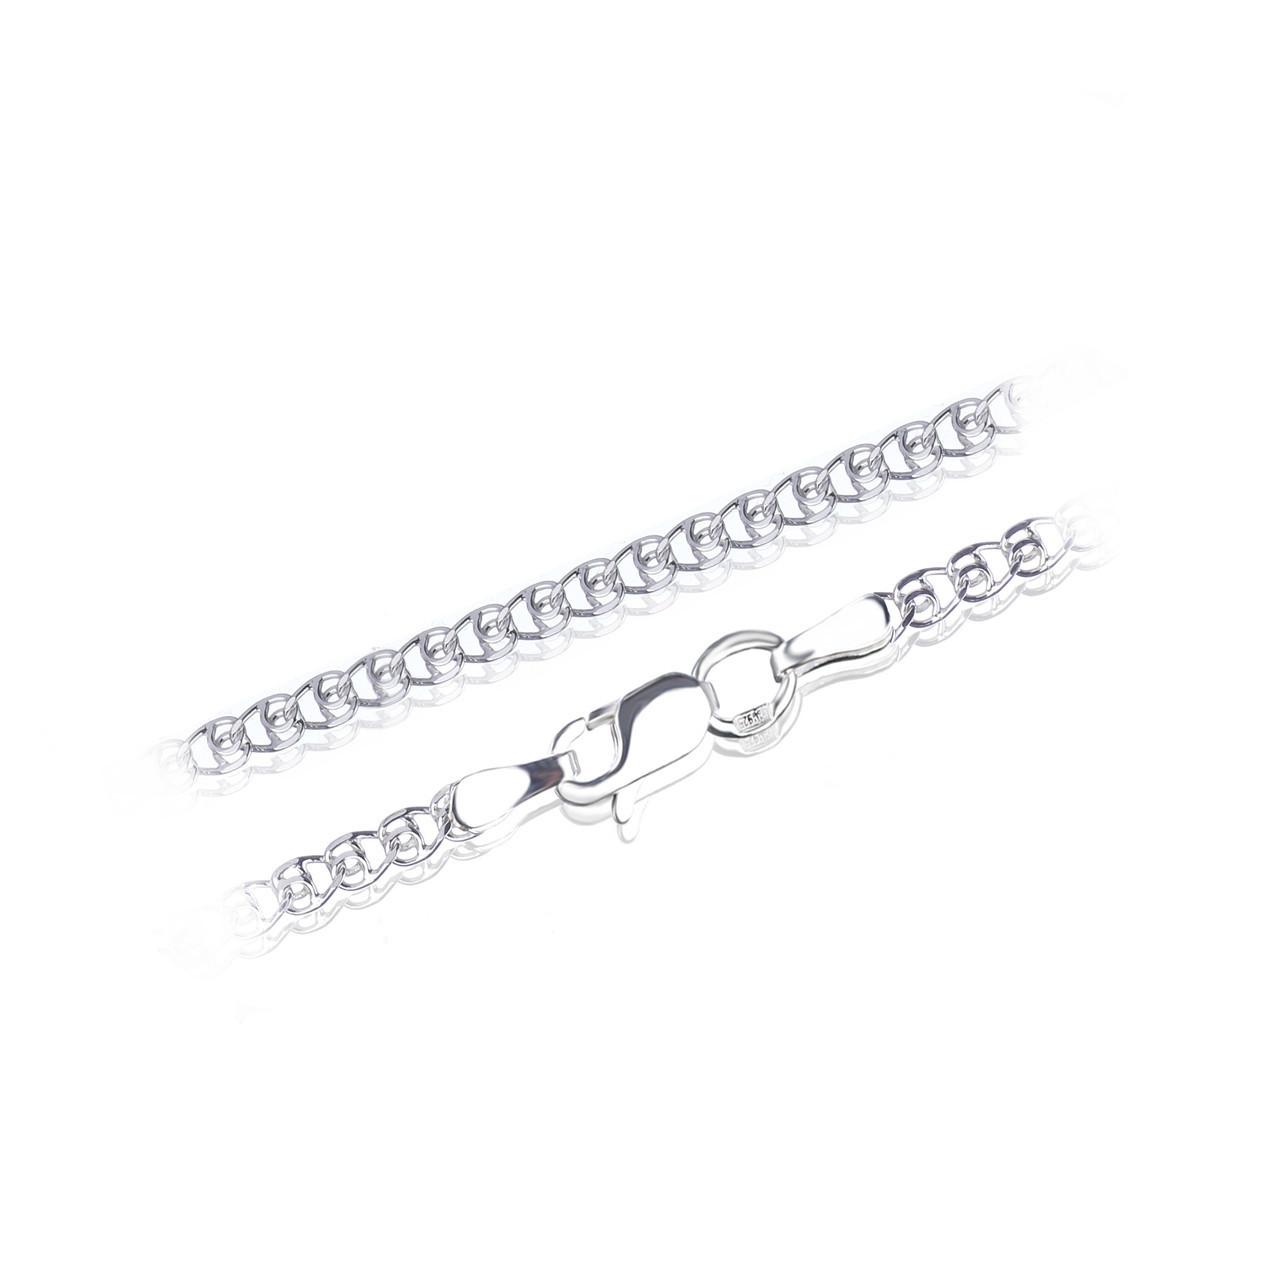 Серебряный браслет GS ЛАВ (LOVE) 3.5 мм размер 18 см